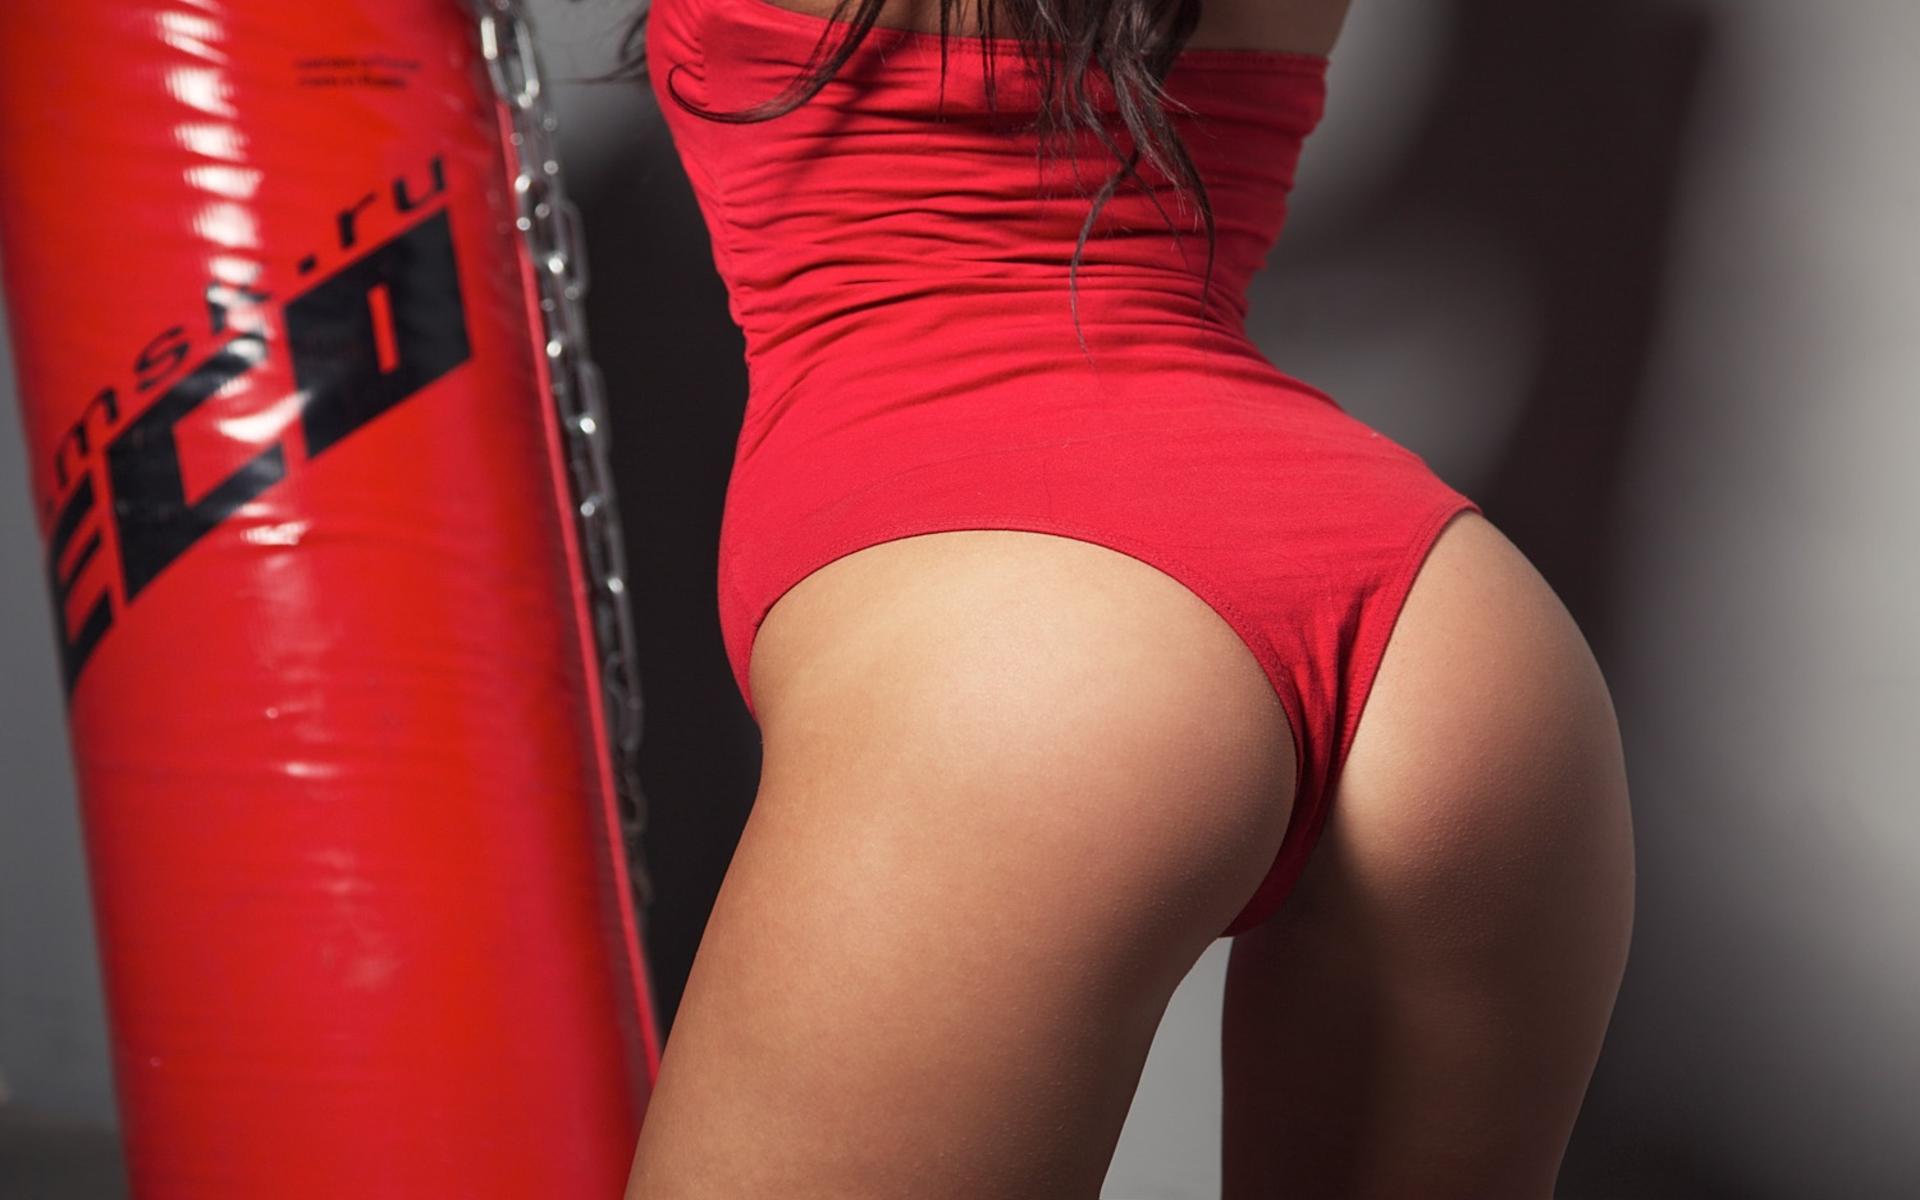 красивые попки в красных трусиках картинки